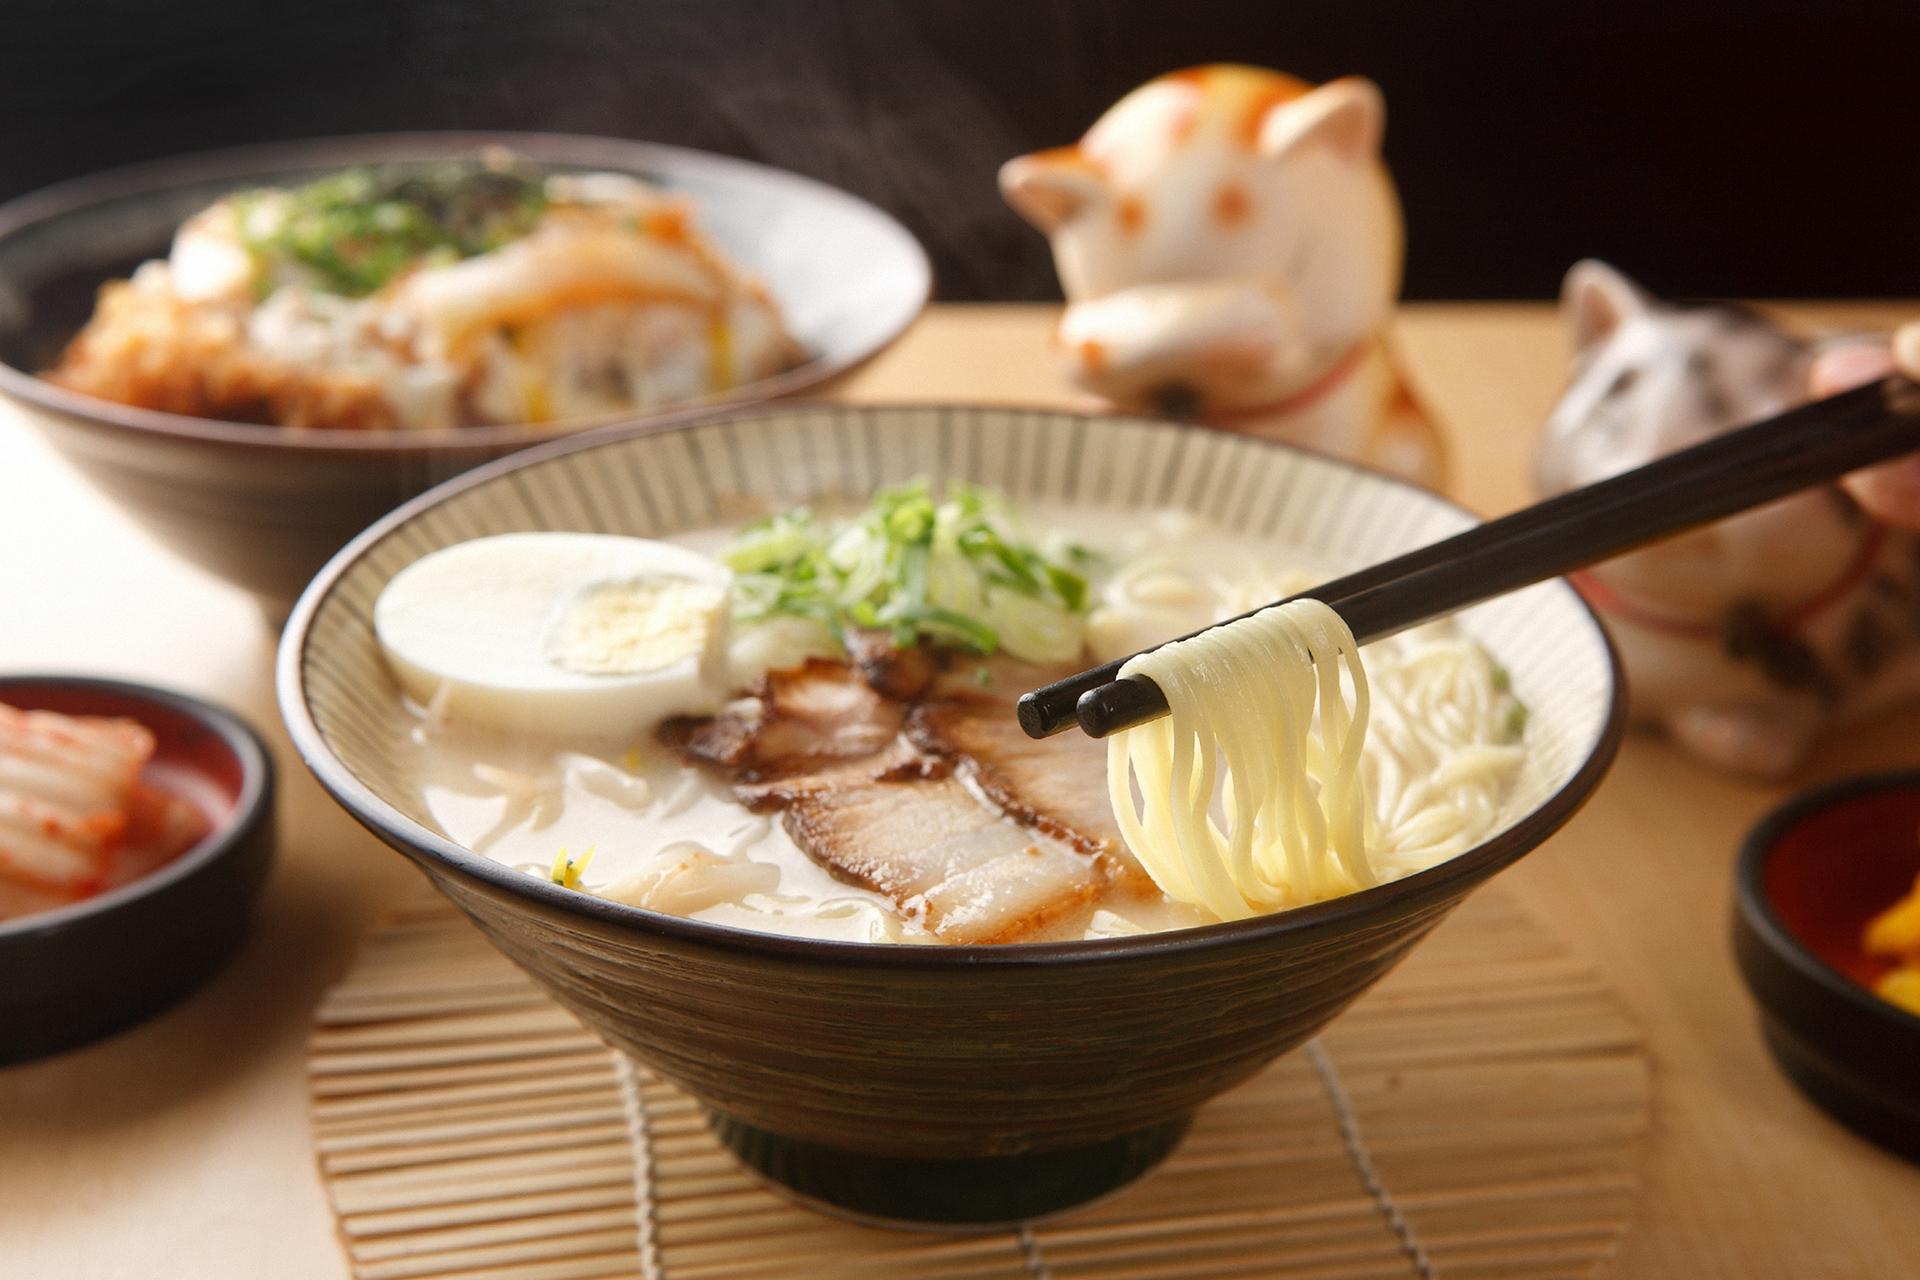 Popular en el mundo, el ramen japonés invade las redes sociales con gigantes cuencos de sopa que abren el apetito en un abrir y cerrar de ojos